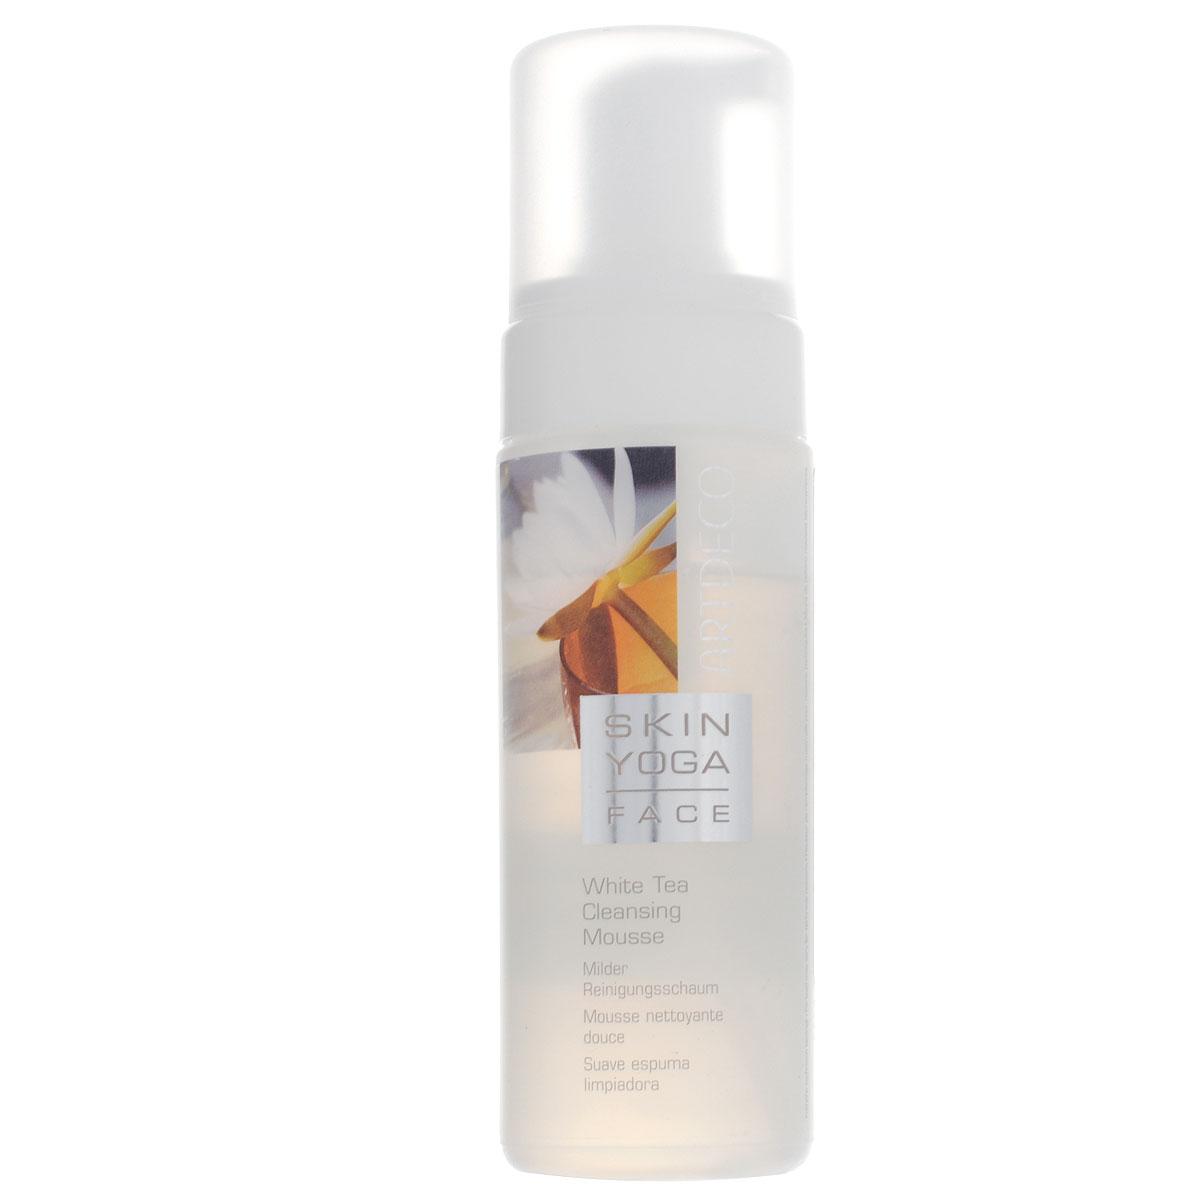 Artdeco Пенка для умывания Skin Yoga, с экстрактом белого чая, 150 млAC-2233_серыйПенка для умывания Artdeco Skin Yoga - это мягкая, как взбитые сливки пена. Средство тщательно и очень бережно снимает макияж, не высушивая кожу. Кожа становится чистой и гладкой и уже в процессе очищения получает уход. Активный компонент Oxyvital повышает уровень поглощения кислорода клетками кожи, а экстракт белого чая увлажняет и успокаивает кожу. Подходит для всех типов кожи.Товар сертифицирован.